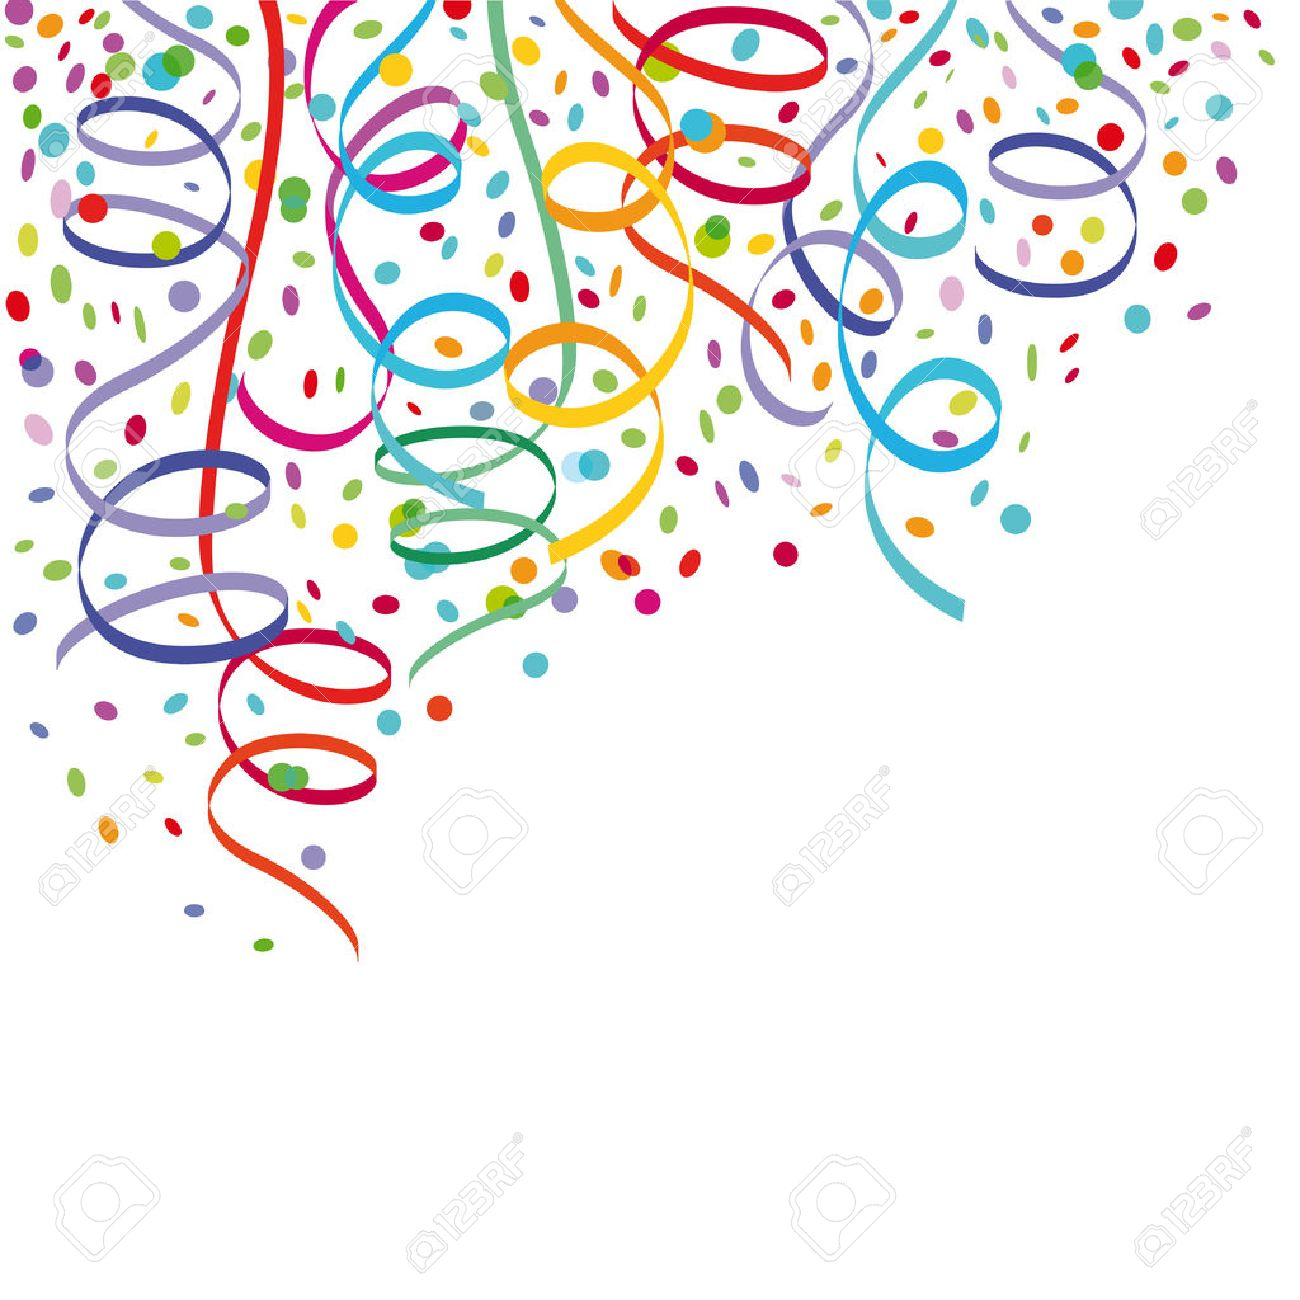 Confetti and streamers - 25417754